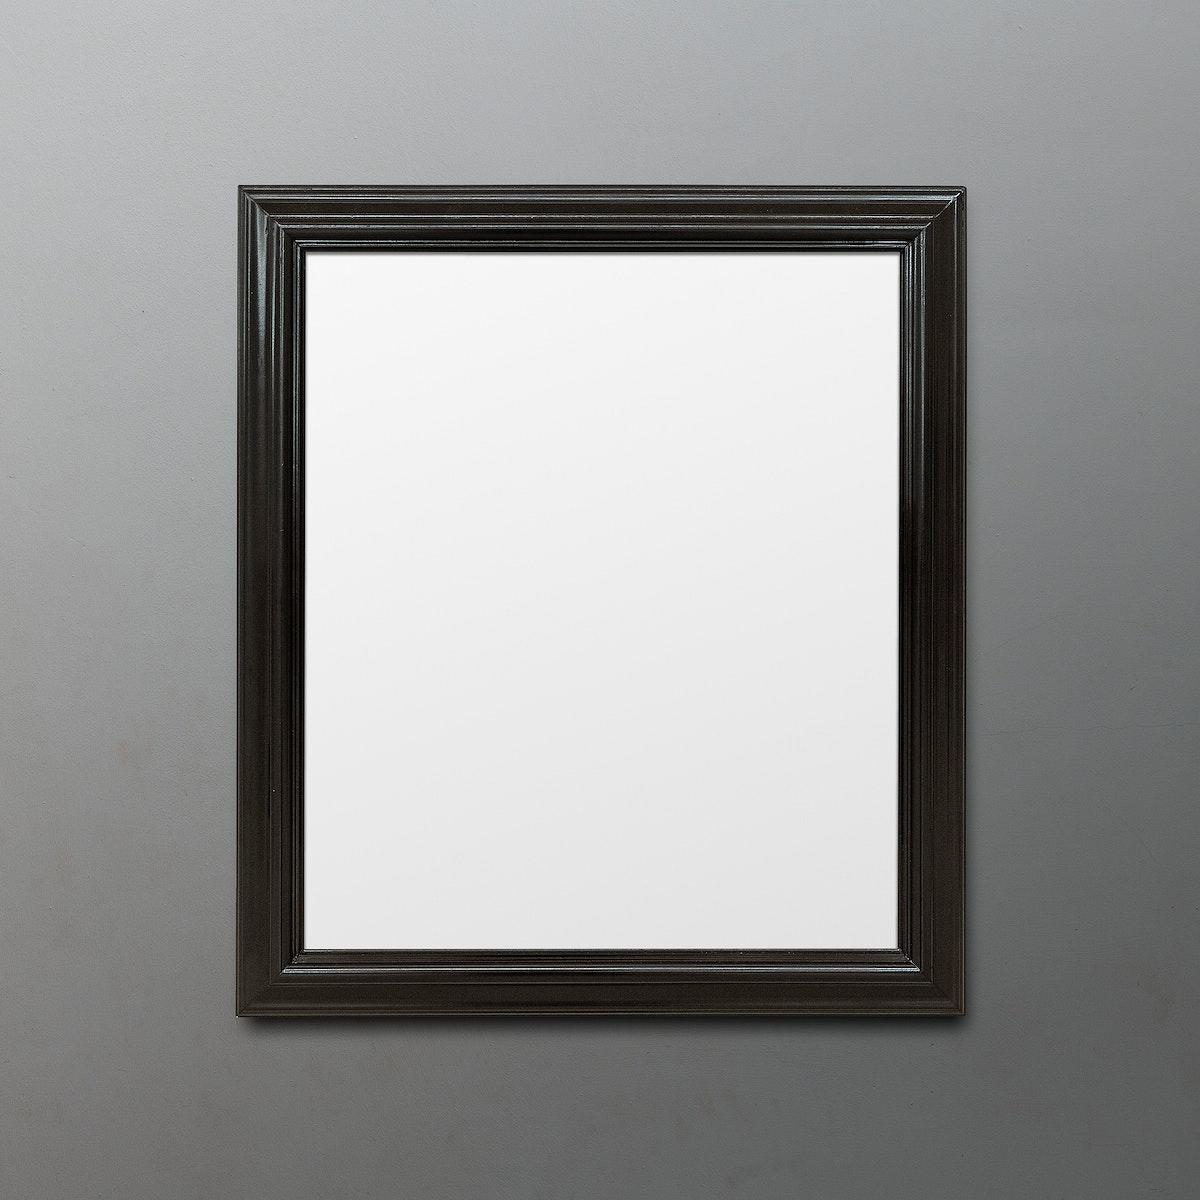 Black picture frame mockup illustration